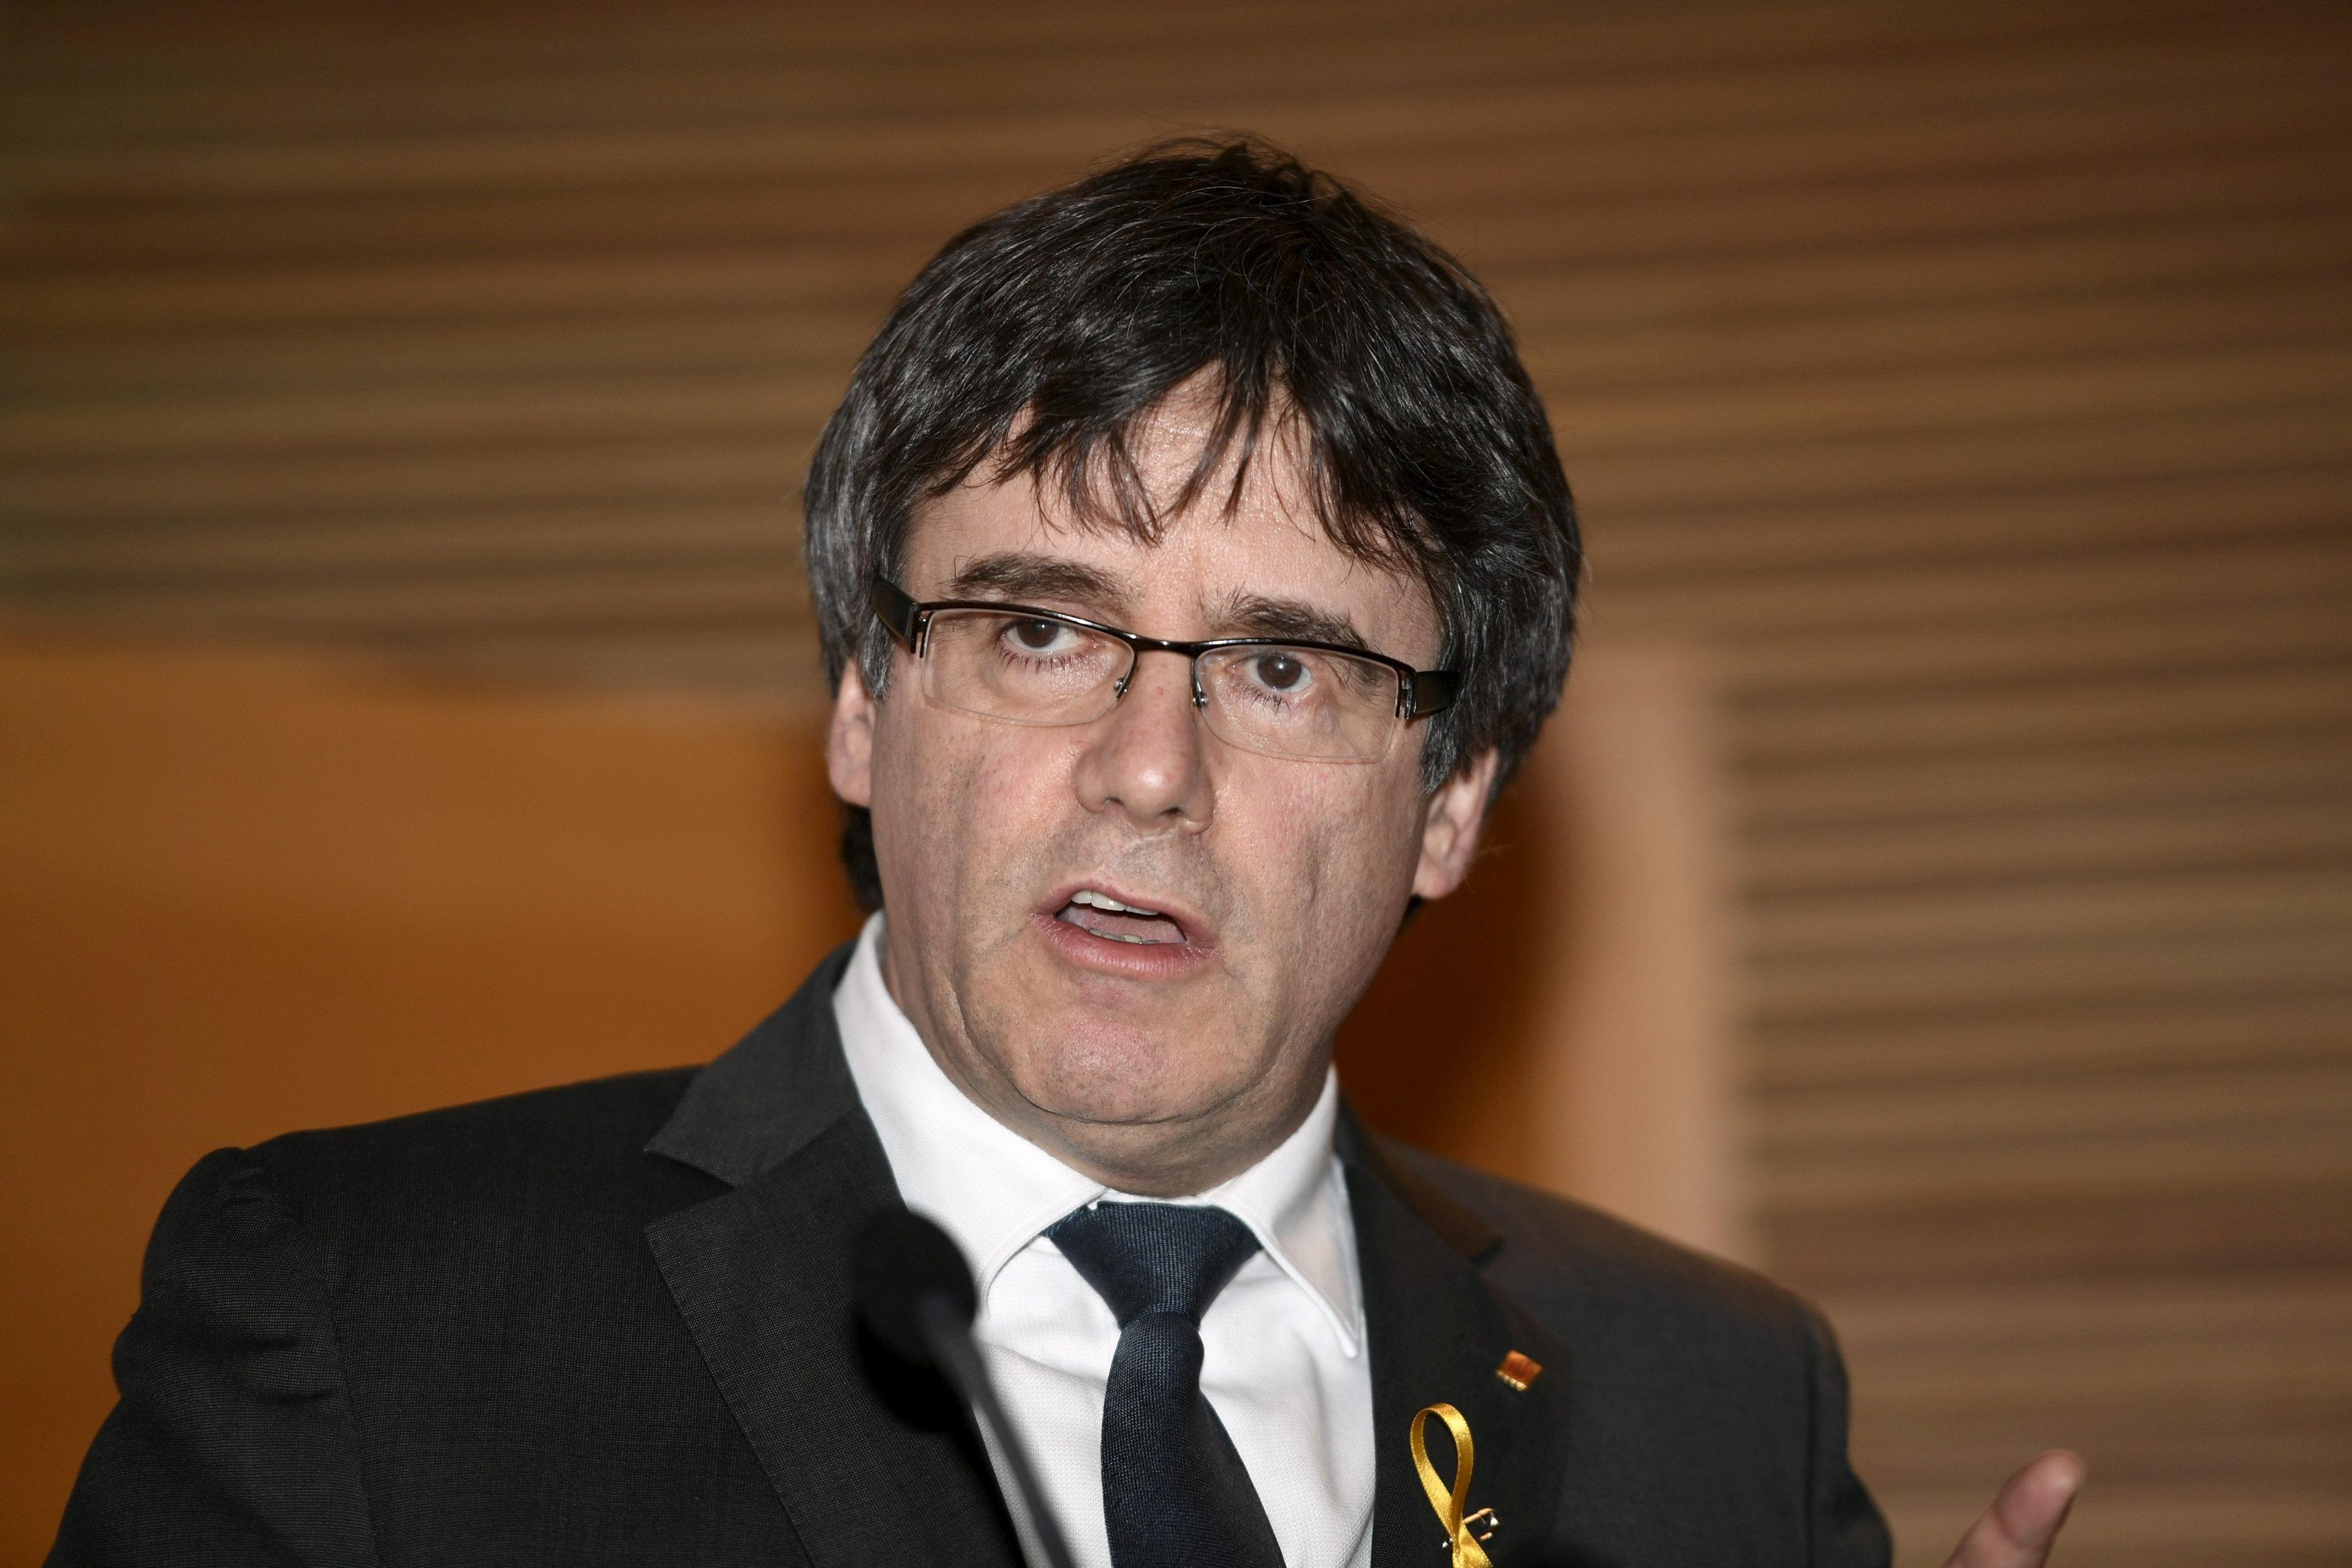 Alemania dice caso Puigdemont en manos de tribunales regionales